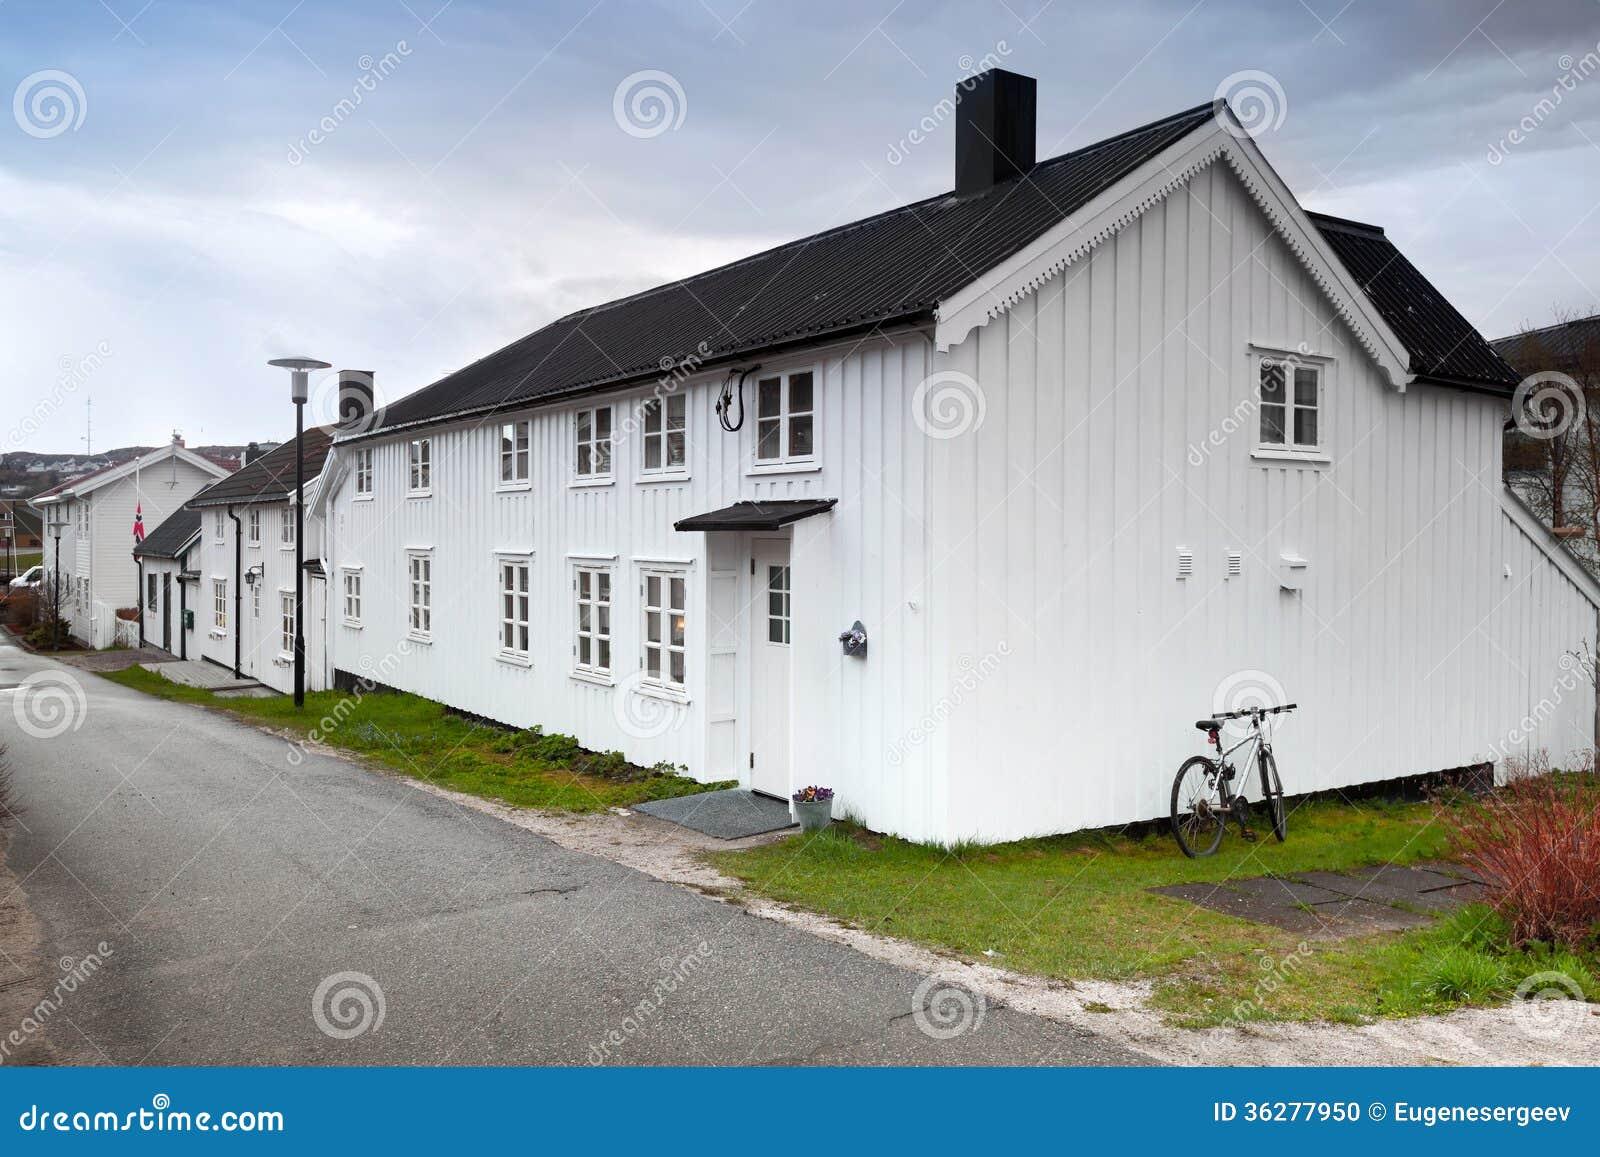 Peque as casas de madera blancas en noruega foto de - Casas de madera blancas ...